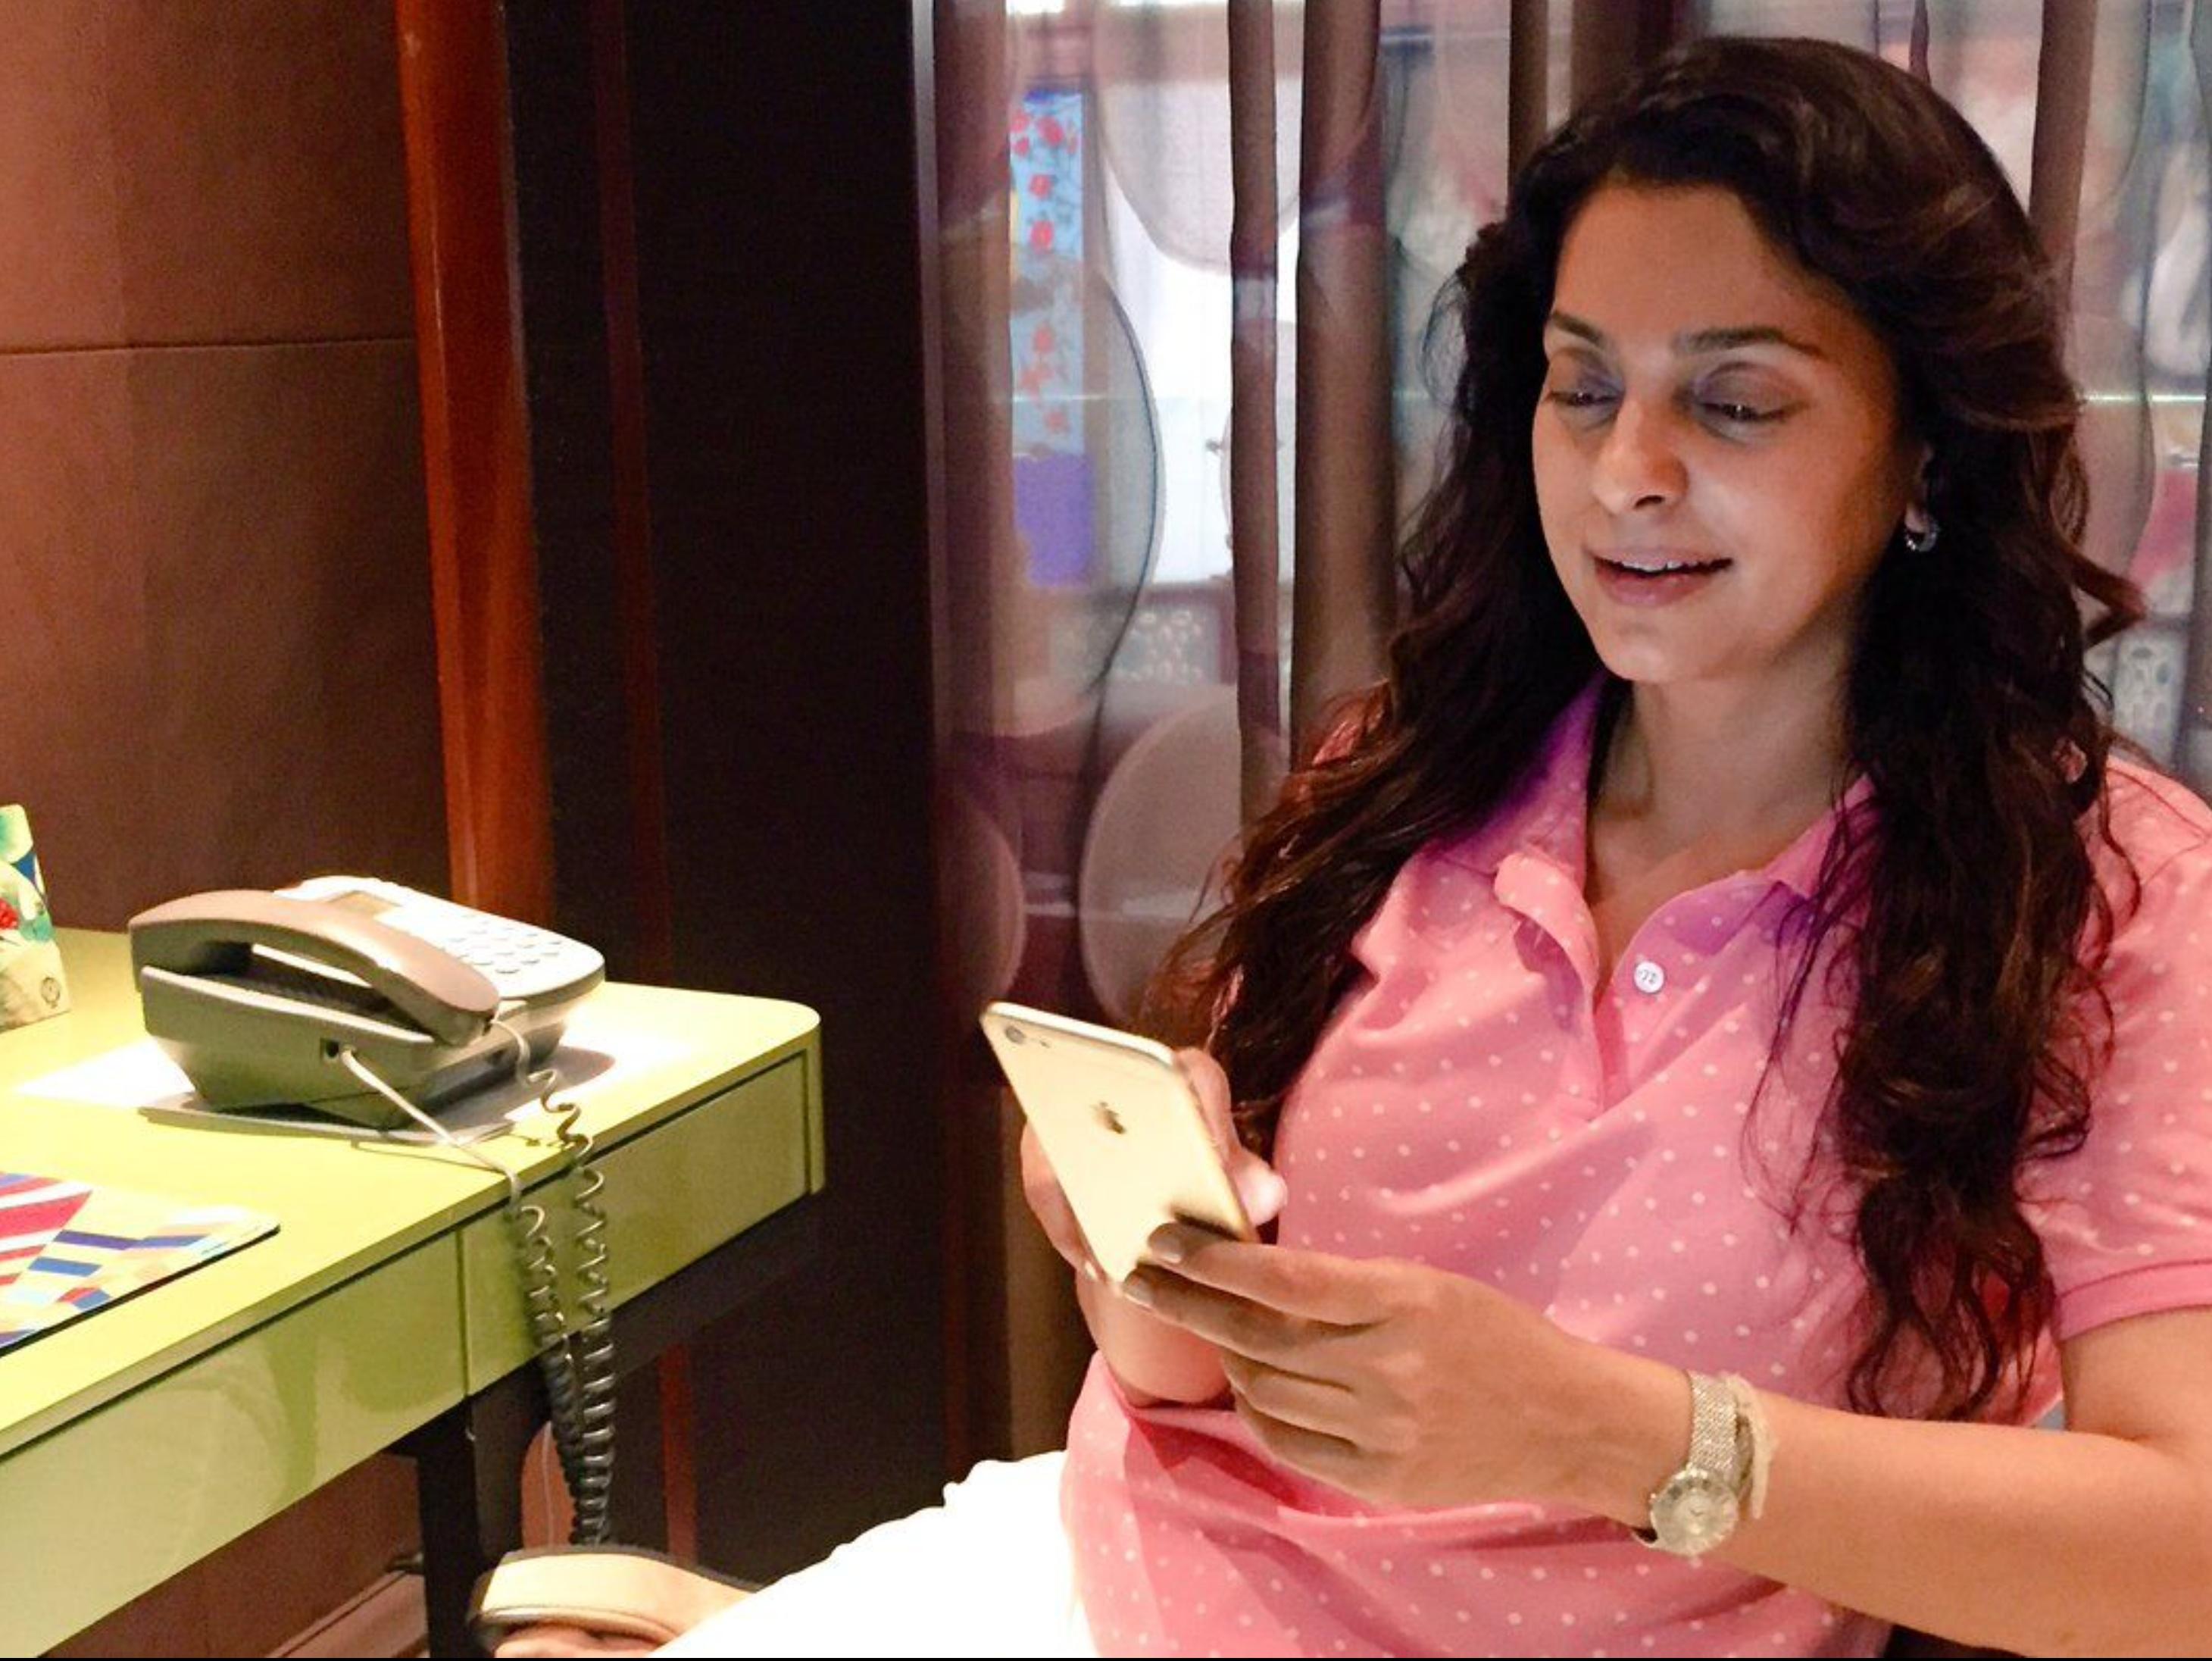 जूही चावला ने 5G के खिलाफ दिल्ली हाई कोर्ट से ख़ारिज हो चुके केस में बदलाव की मांग वाली याचिका वापस ली|बॉलीवुड,Bollywood - Dainik Bhaskar